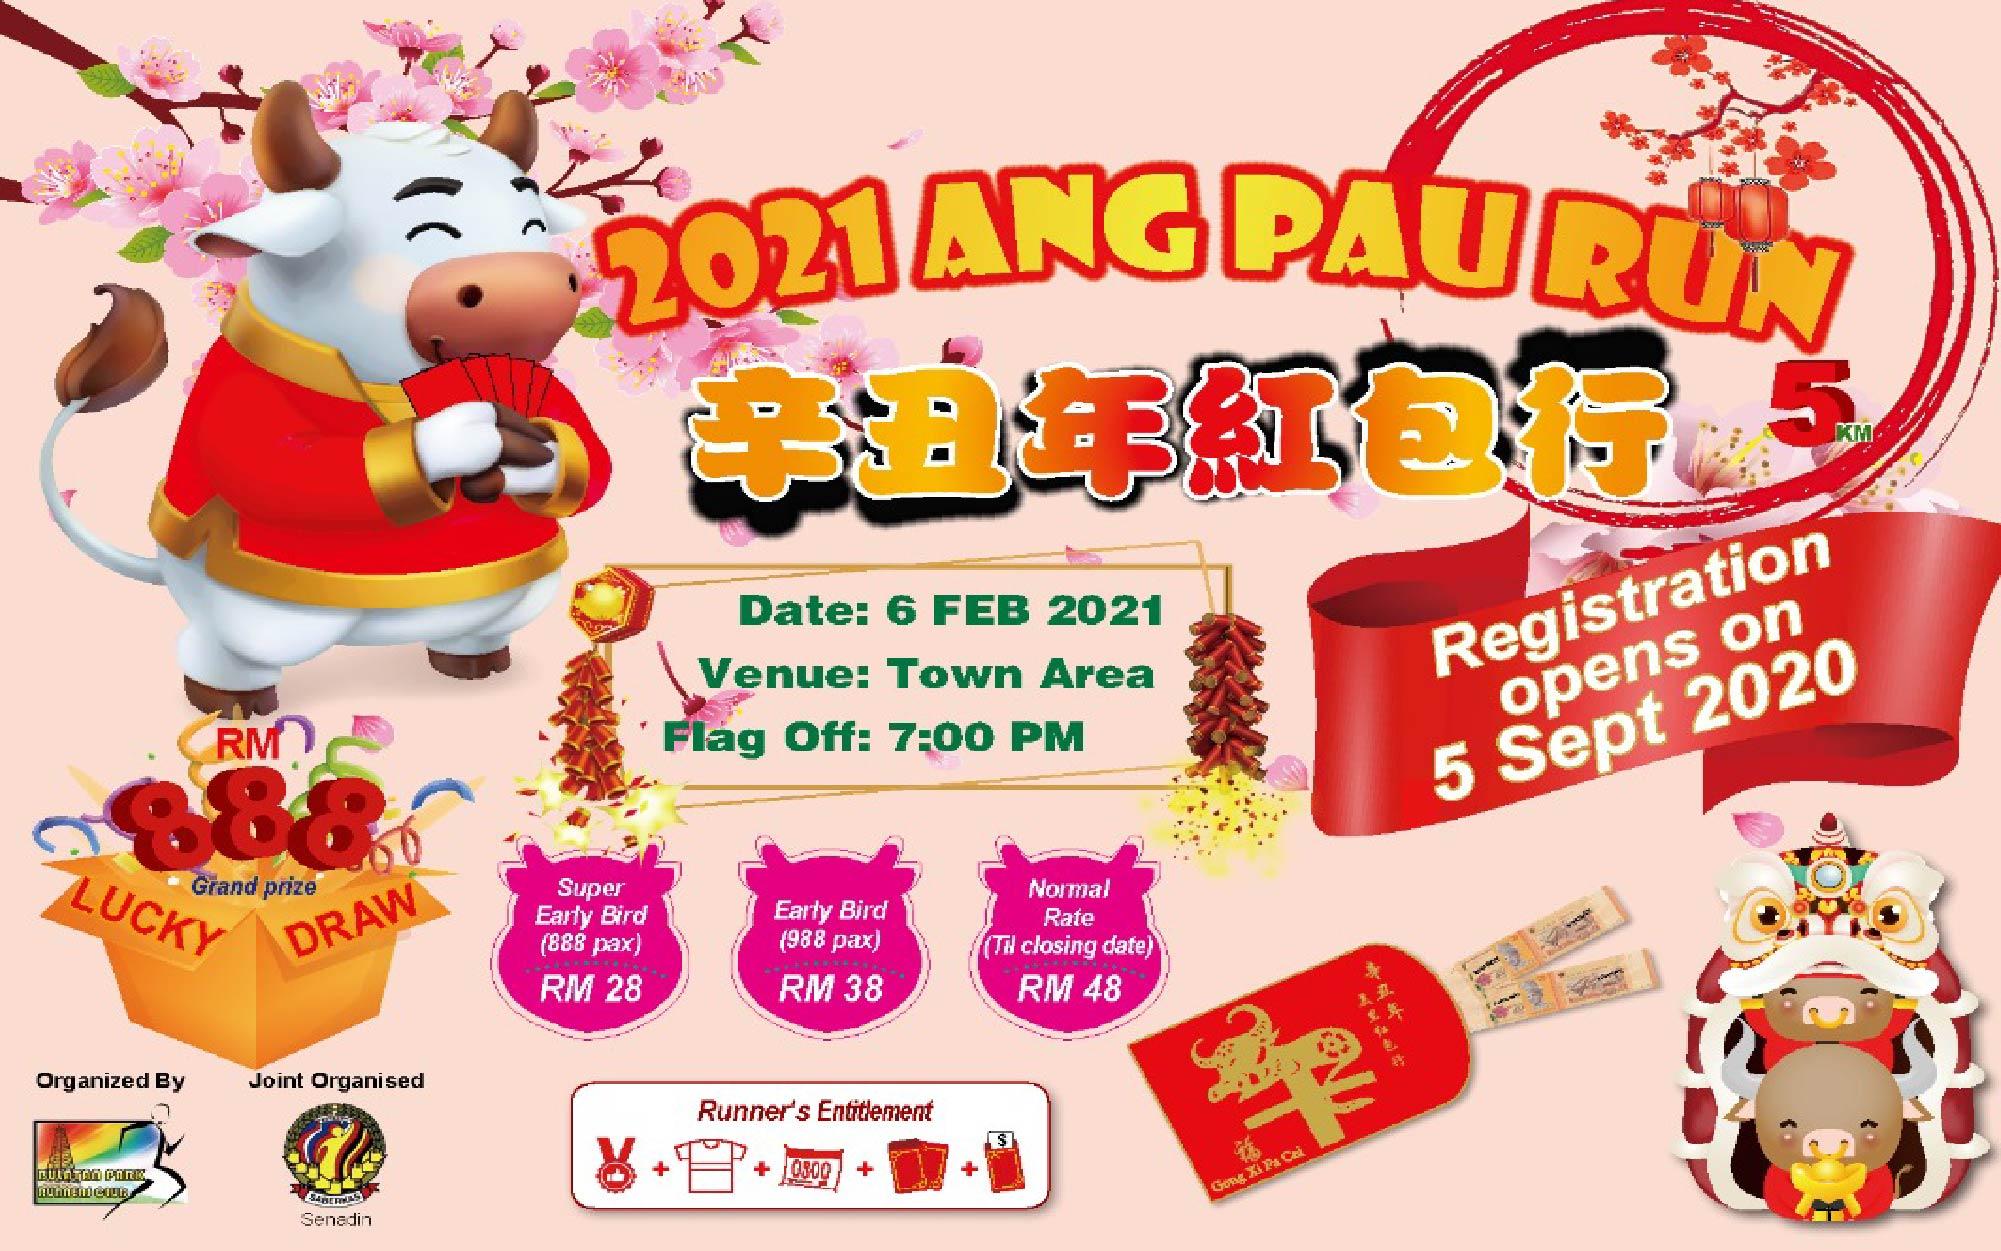 2021 Ang Pau Run